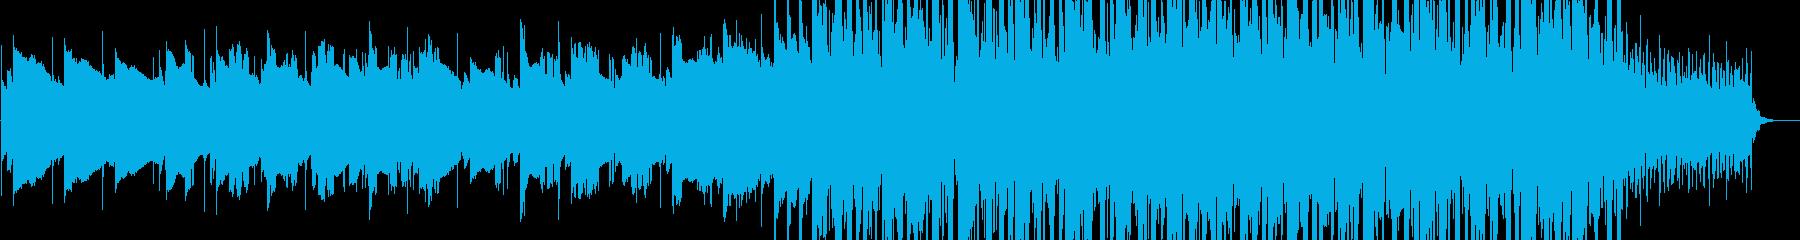 物憂げなLo-Fi Pop風BGMの再生済みの波形